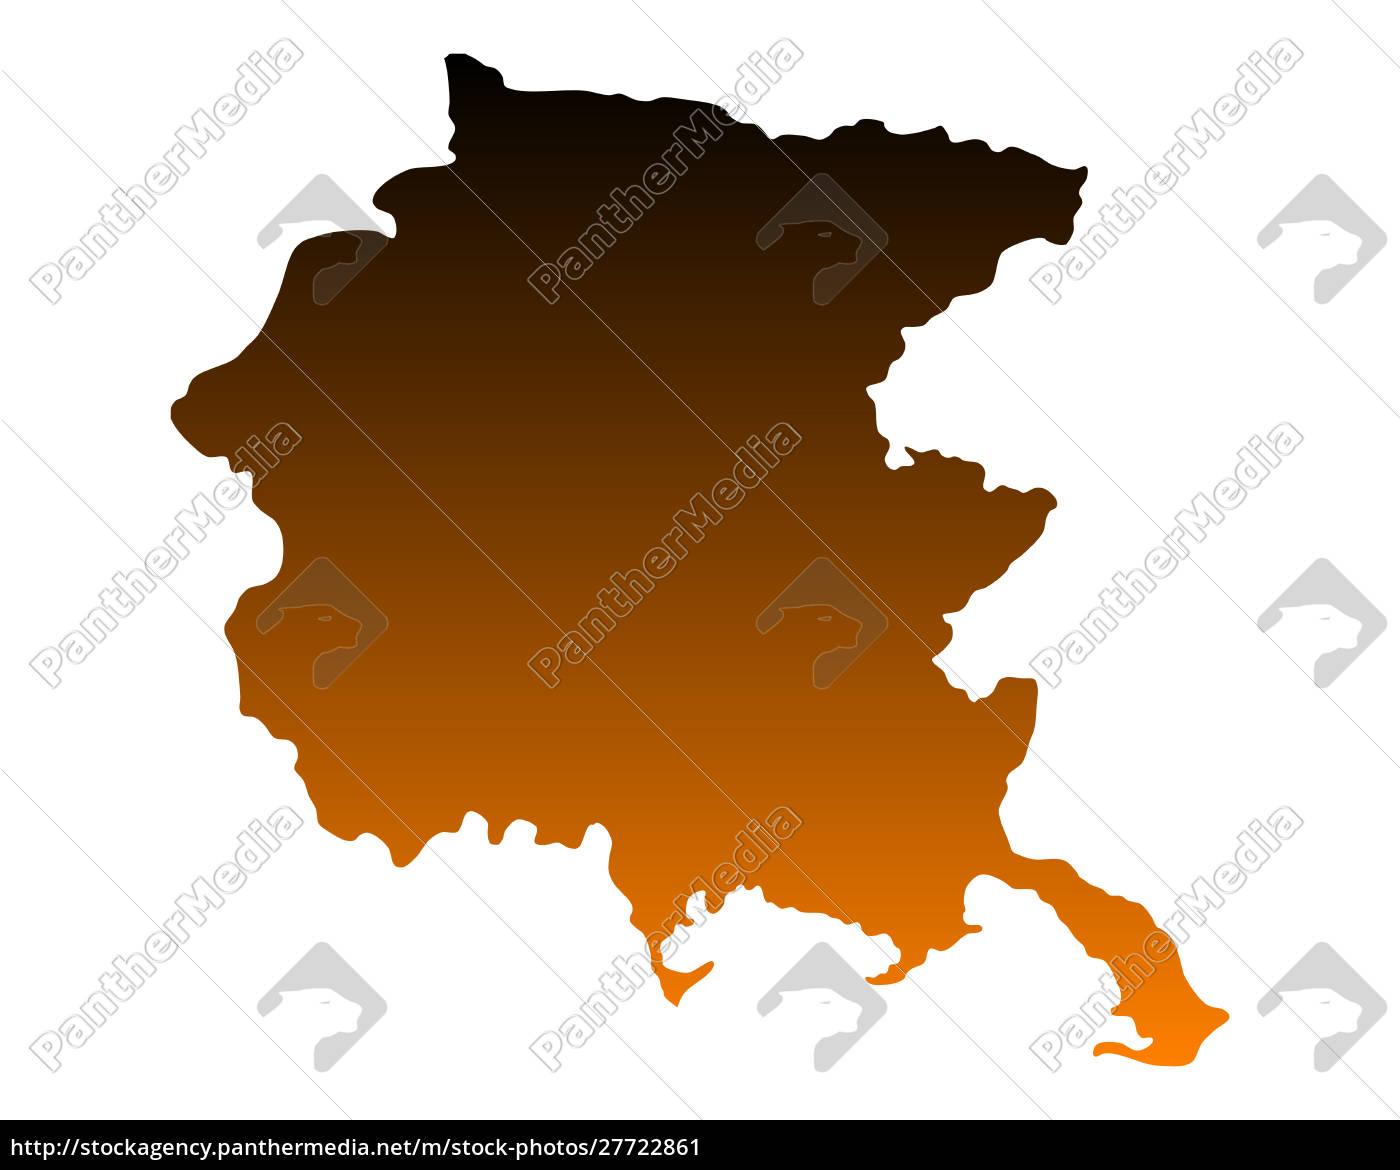 mappa, del, friuli-venezia, giulia - 27722861